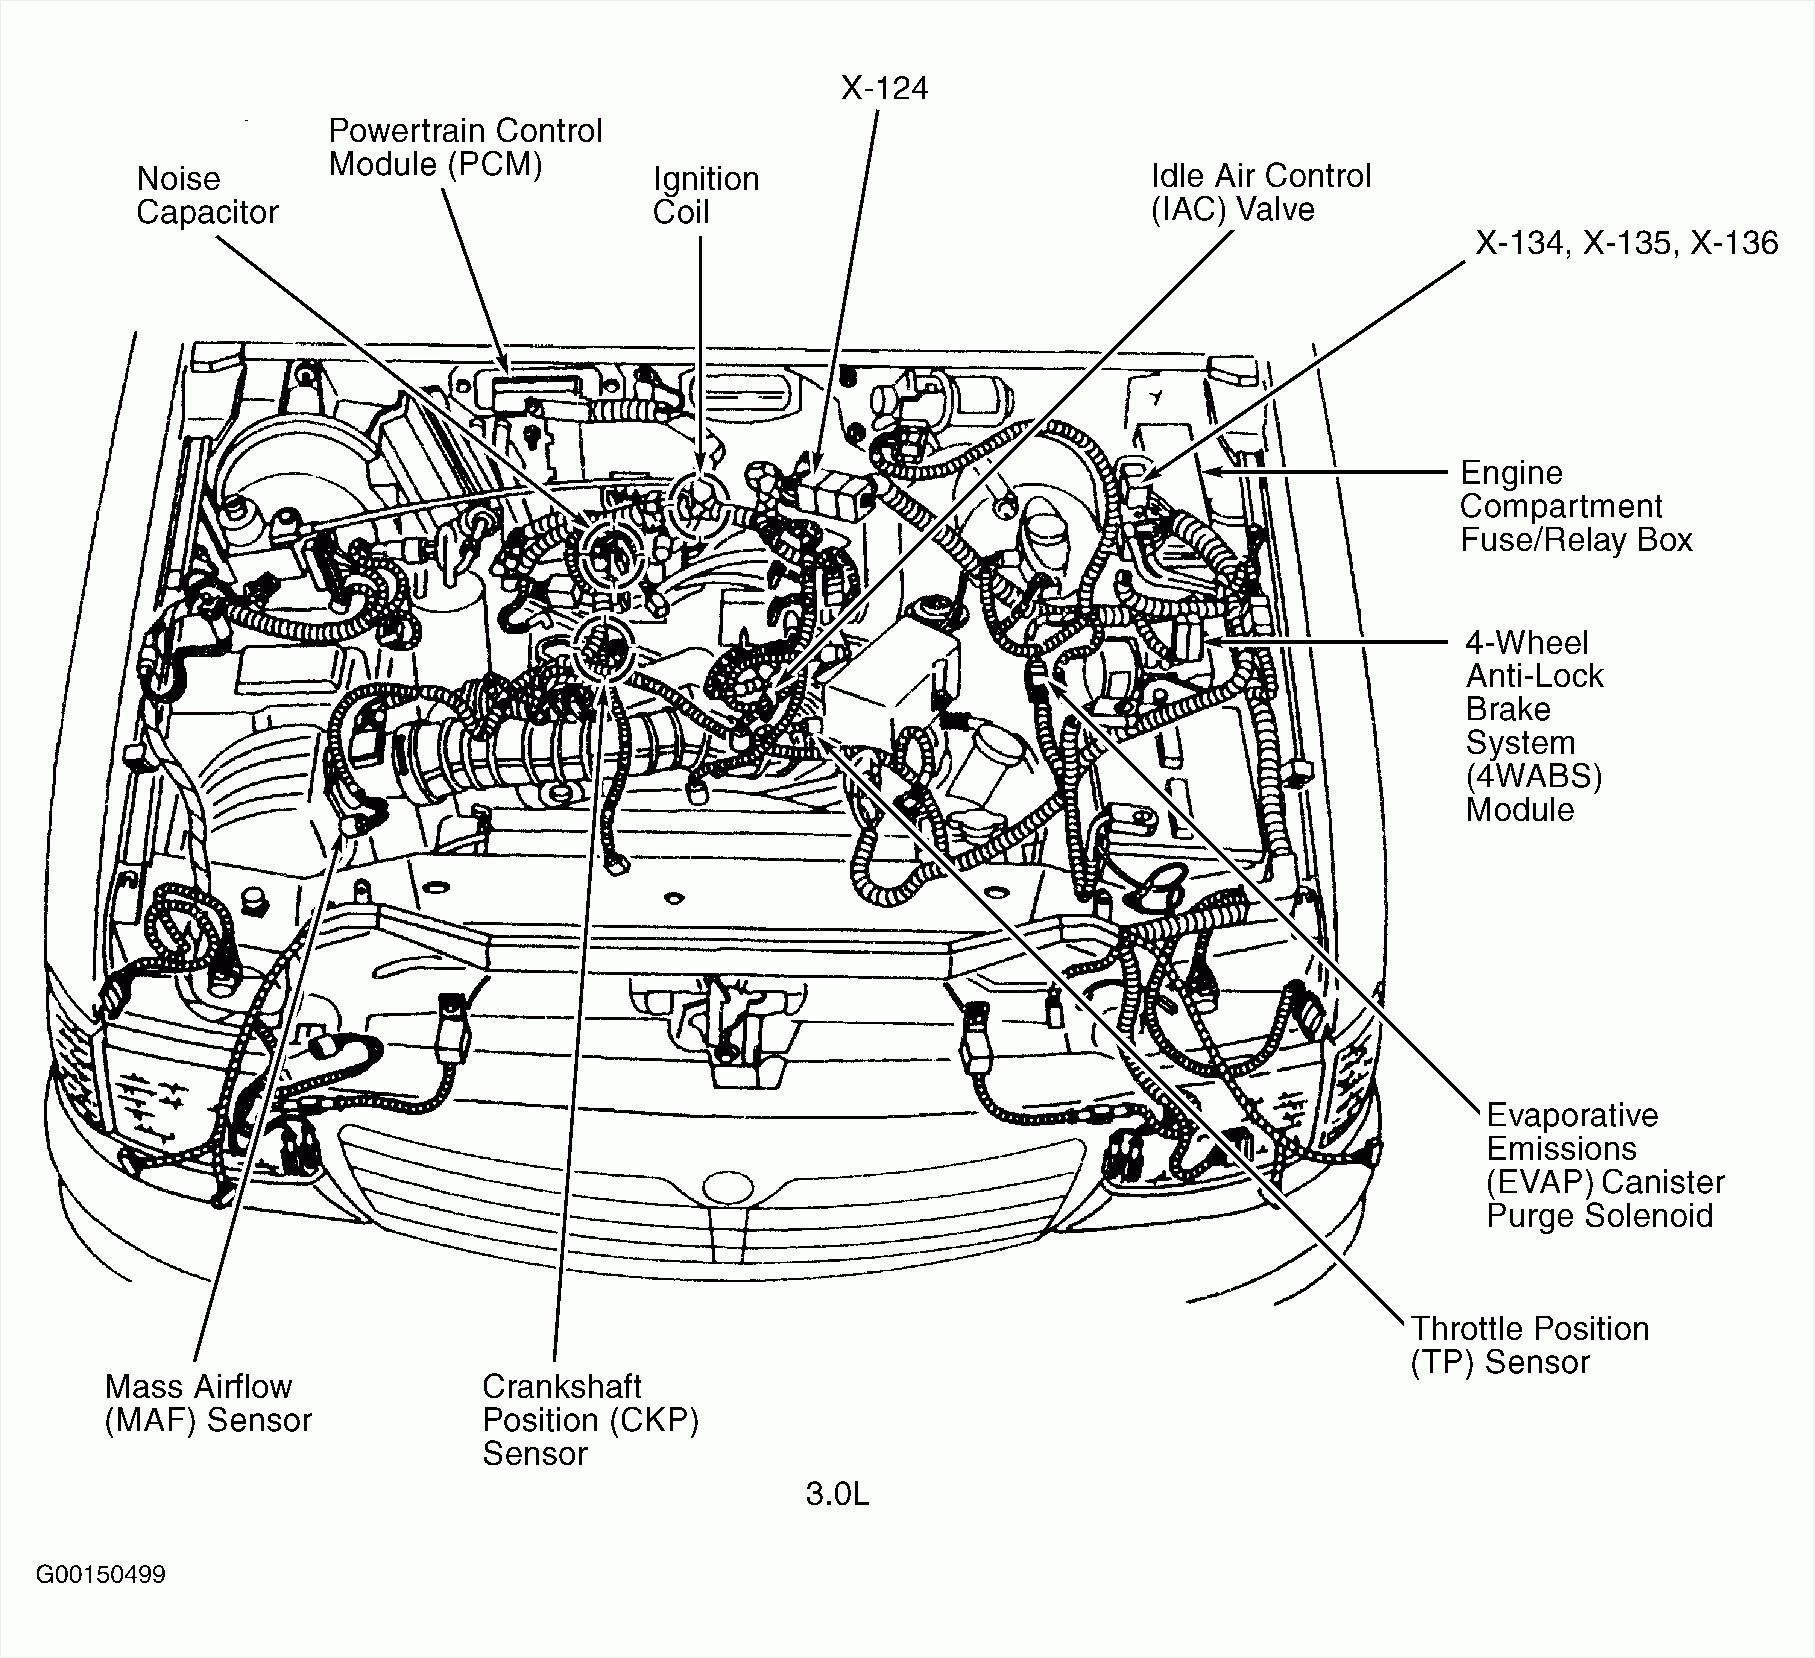 99 ford Explorer Engine Diagram ford Ranger 3 0 V6 Engine Diagram ford Wiring Diagrams Instructions Of 99 ford Explorer Engine Diagram